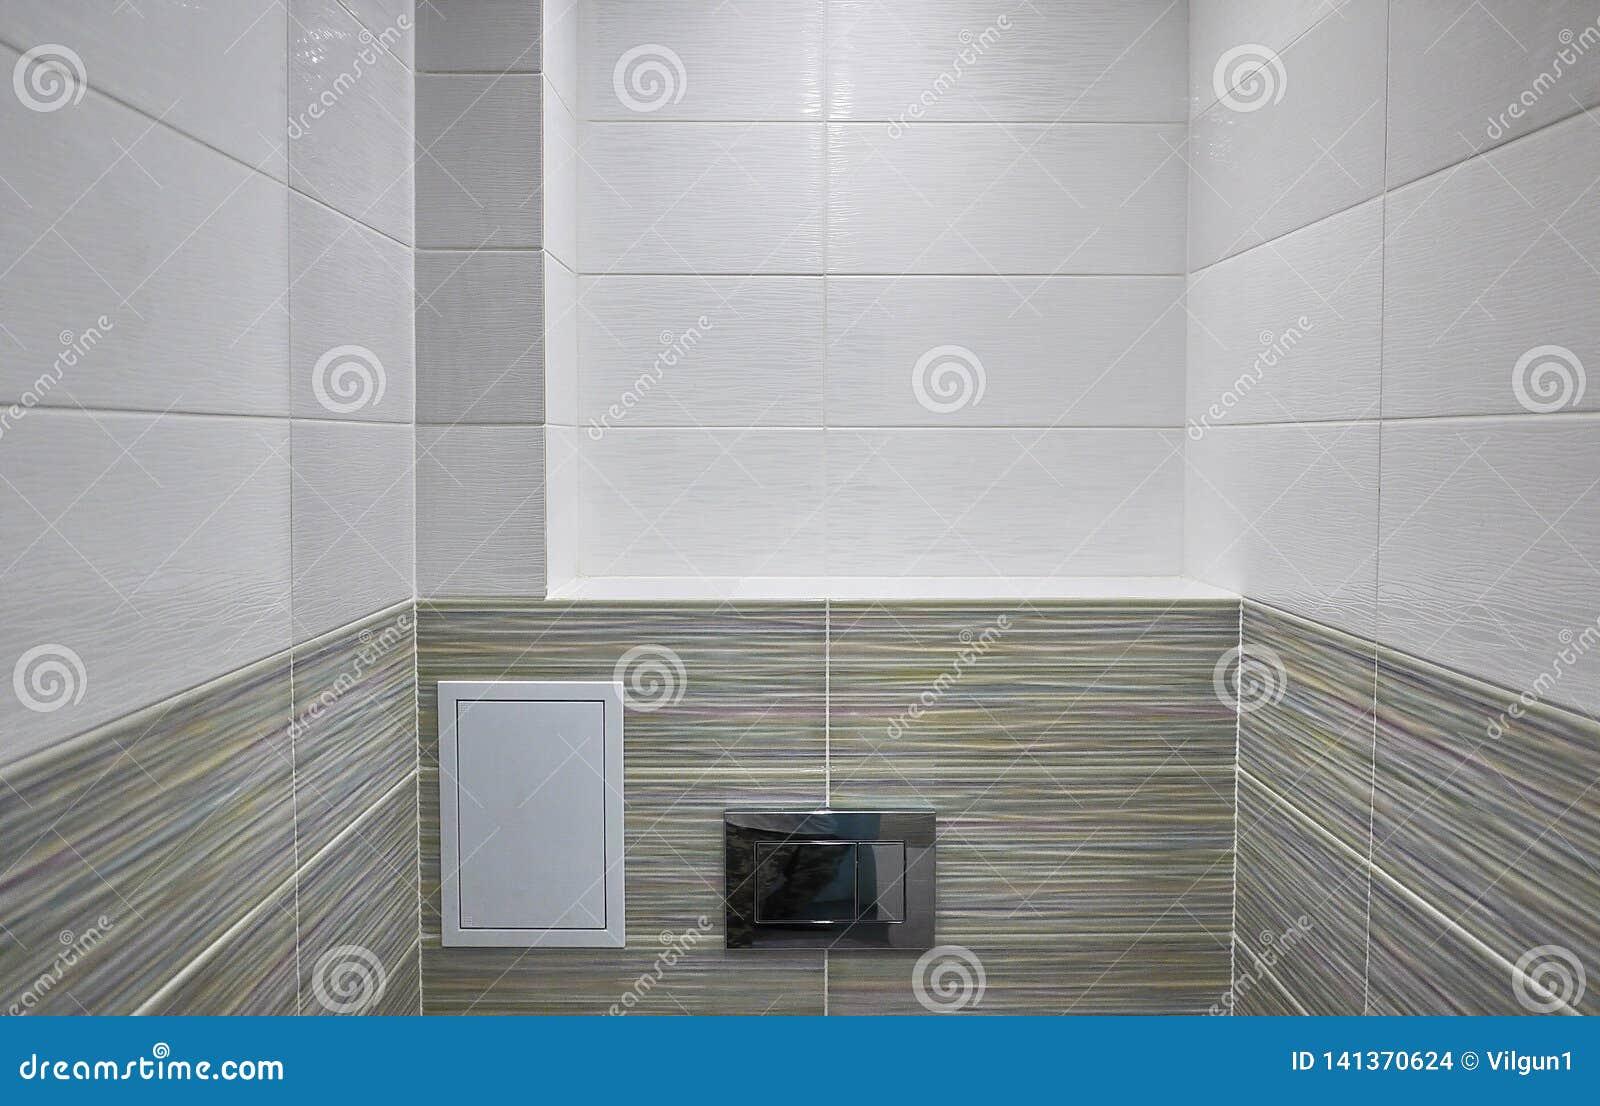 Conception de toilette avec la toilette intégrée La toilette intégrée est faite comme installation, tous les éléments, excepté la